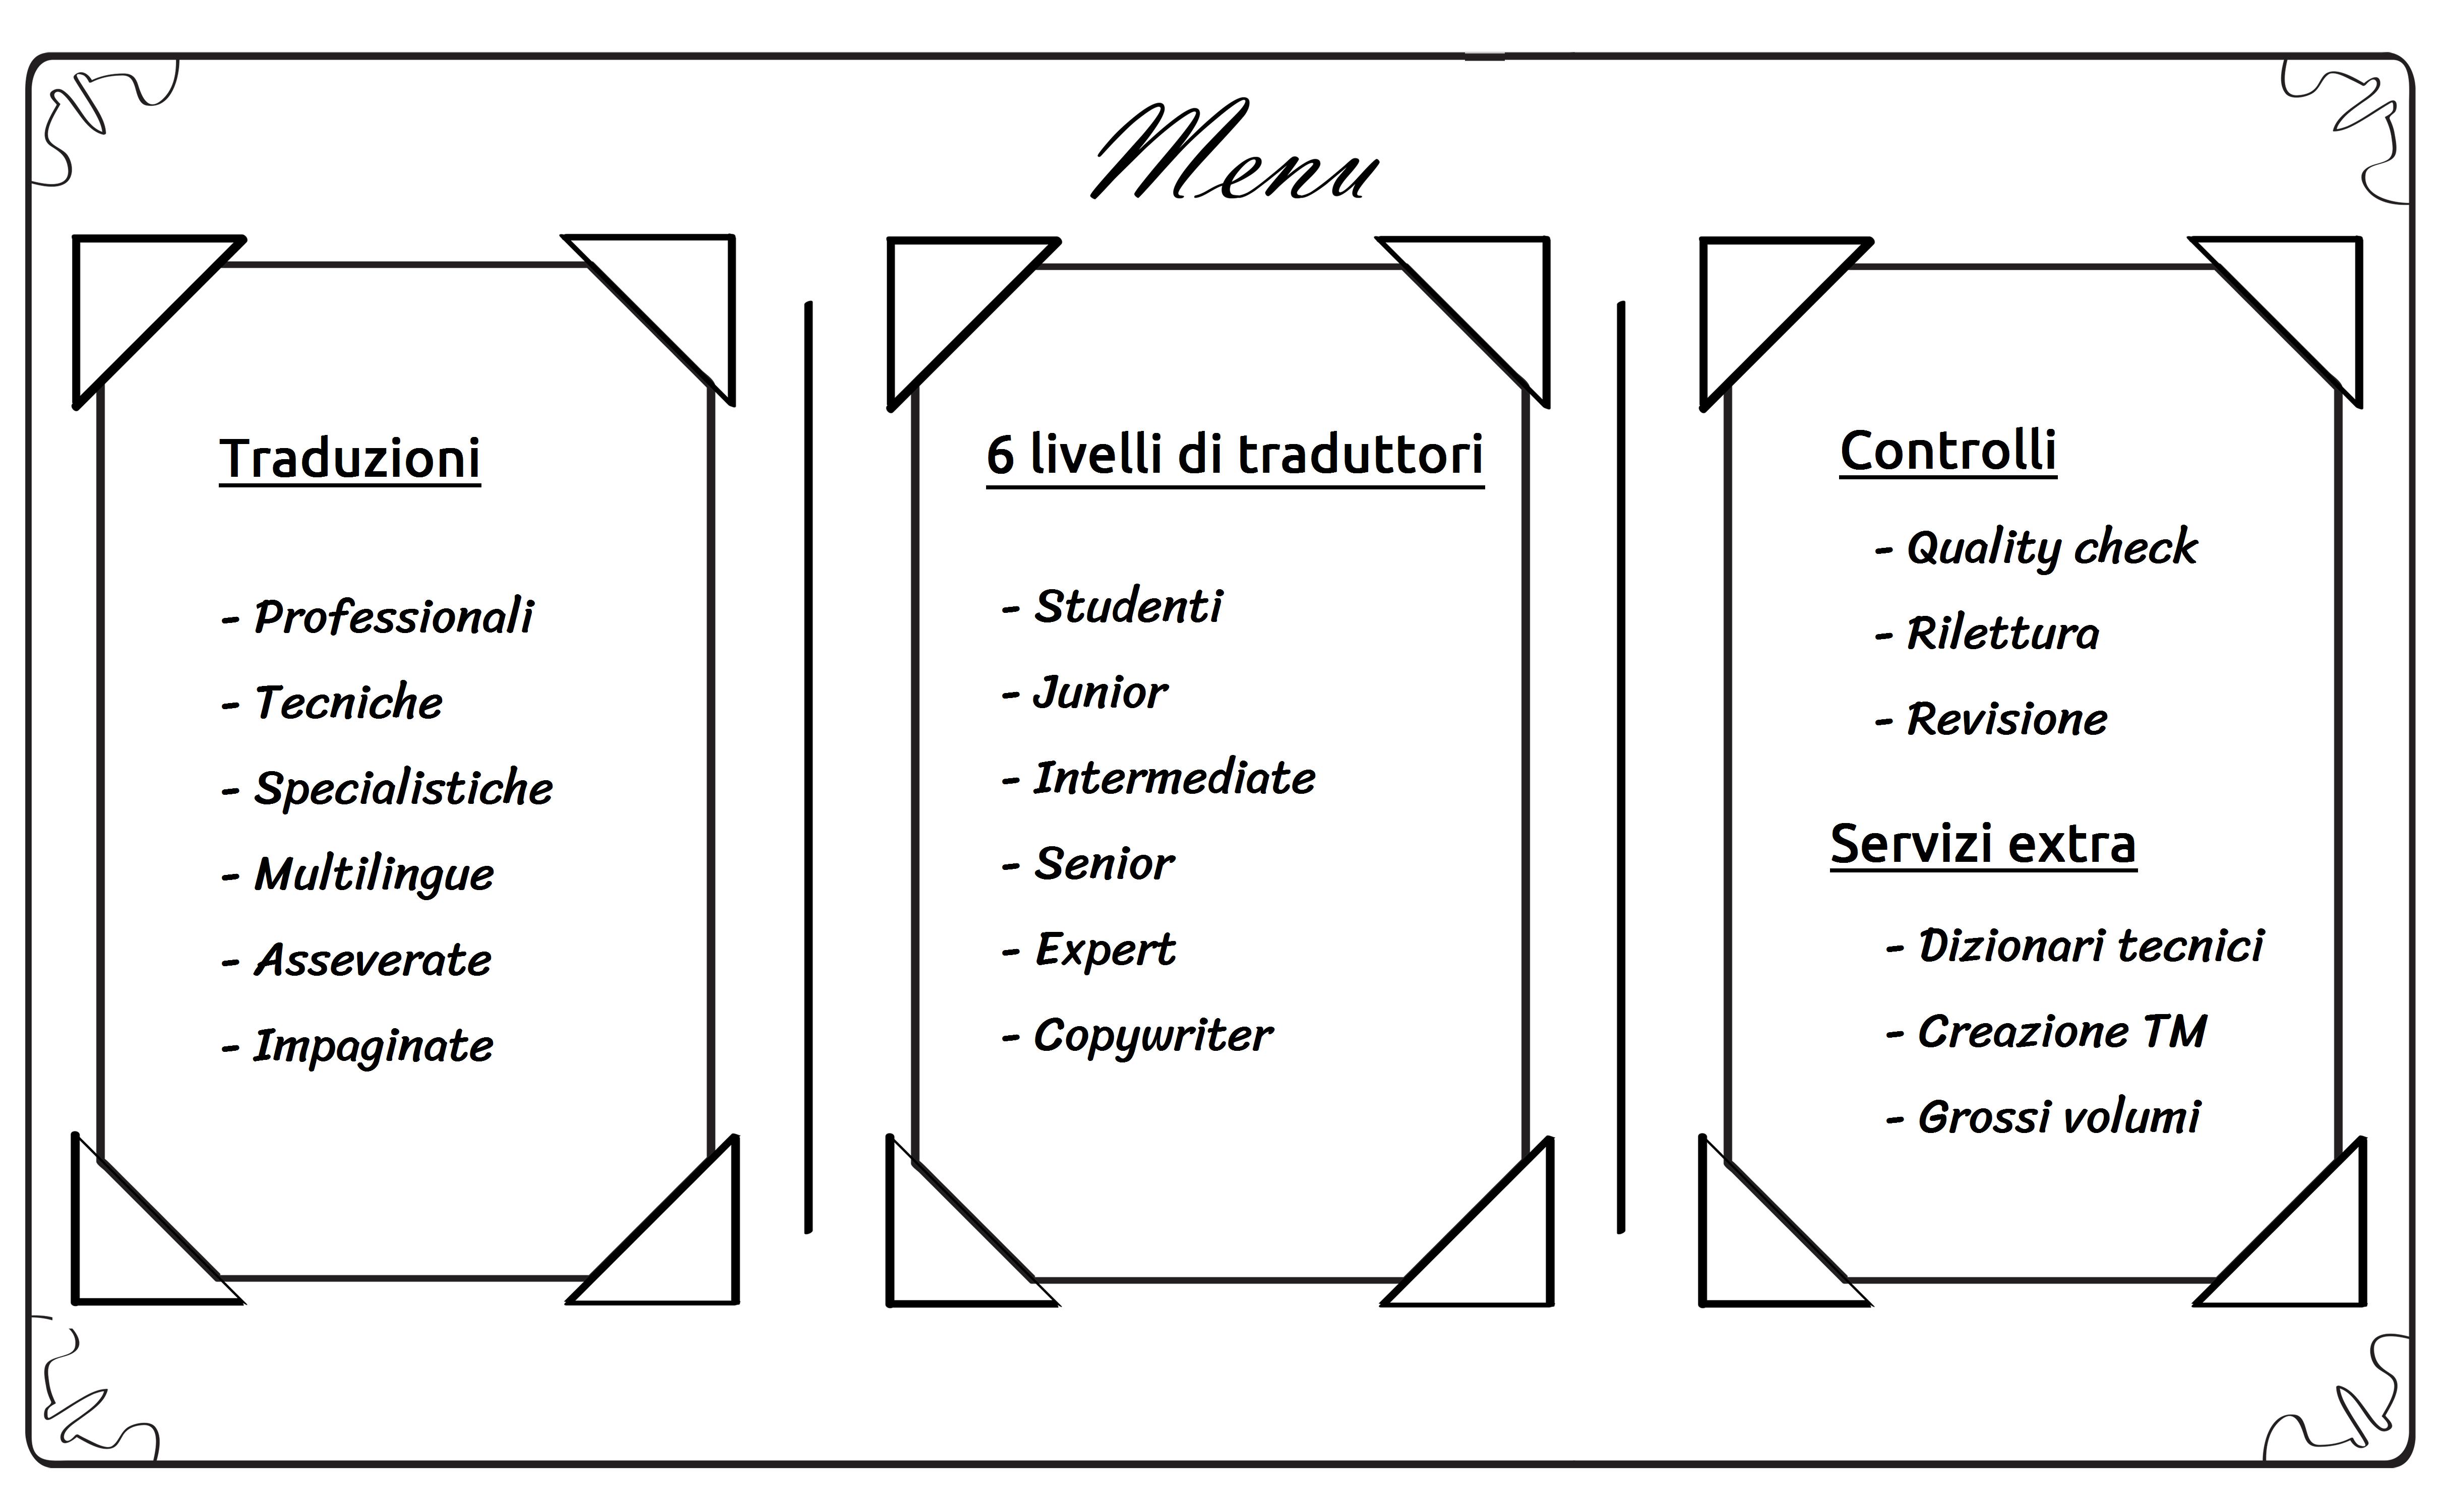 Il menu dei servizi di traduzione di The Foreign Friend